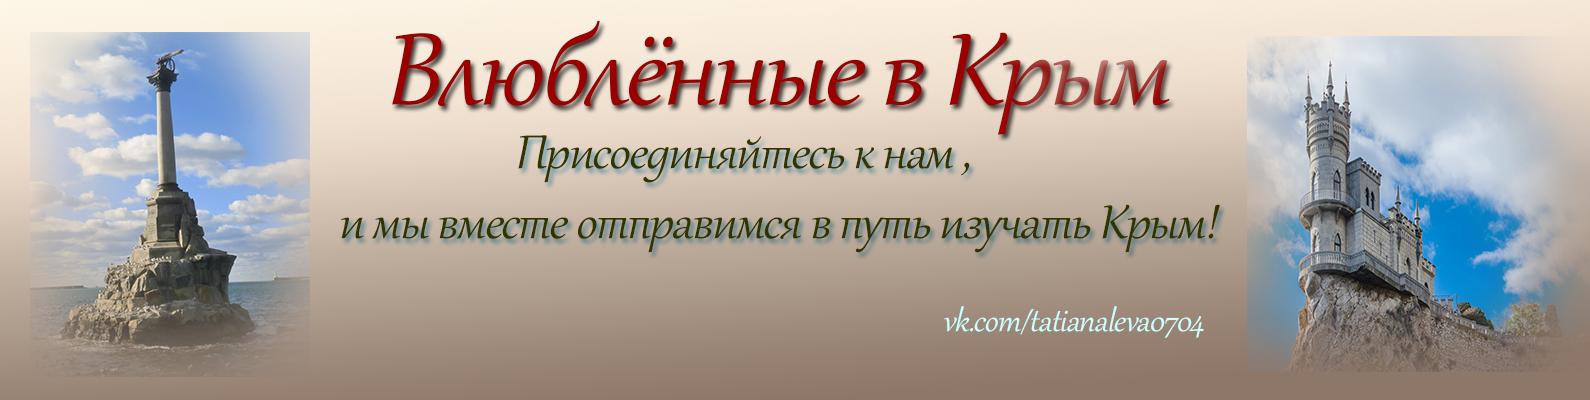 Моя группа ВКонтакте:Влюбленные в Крым